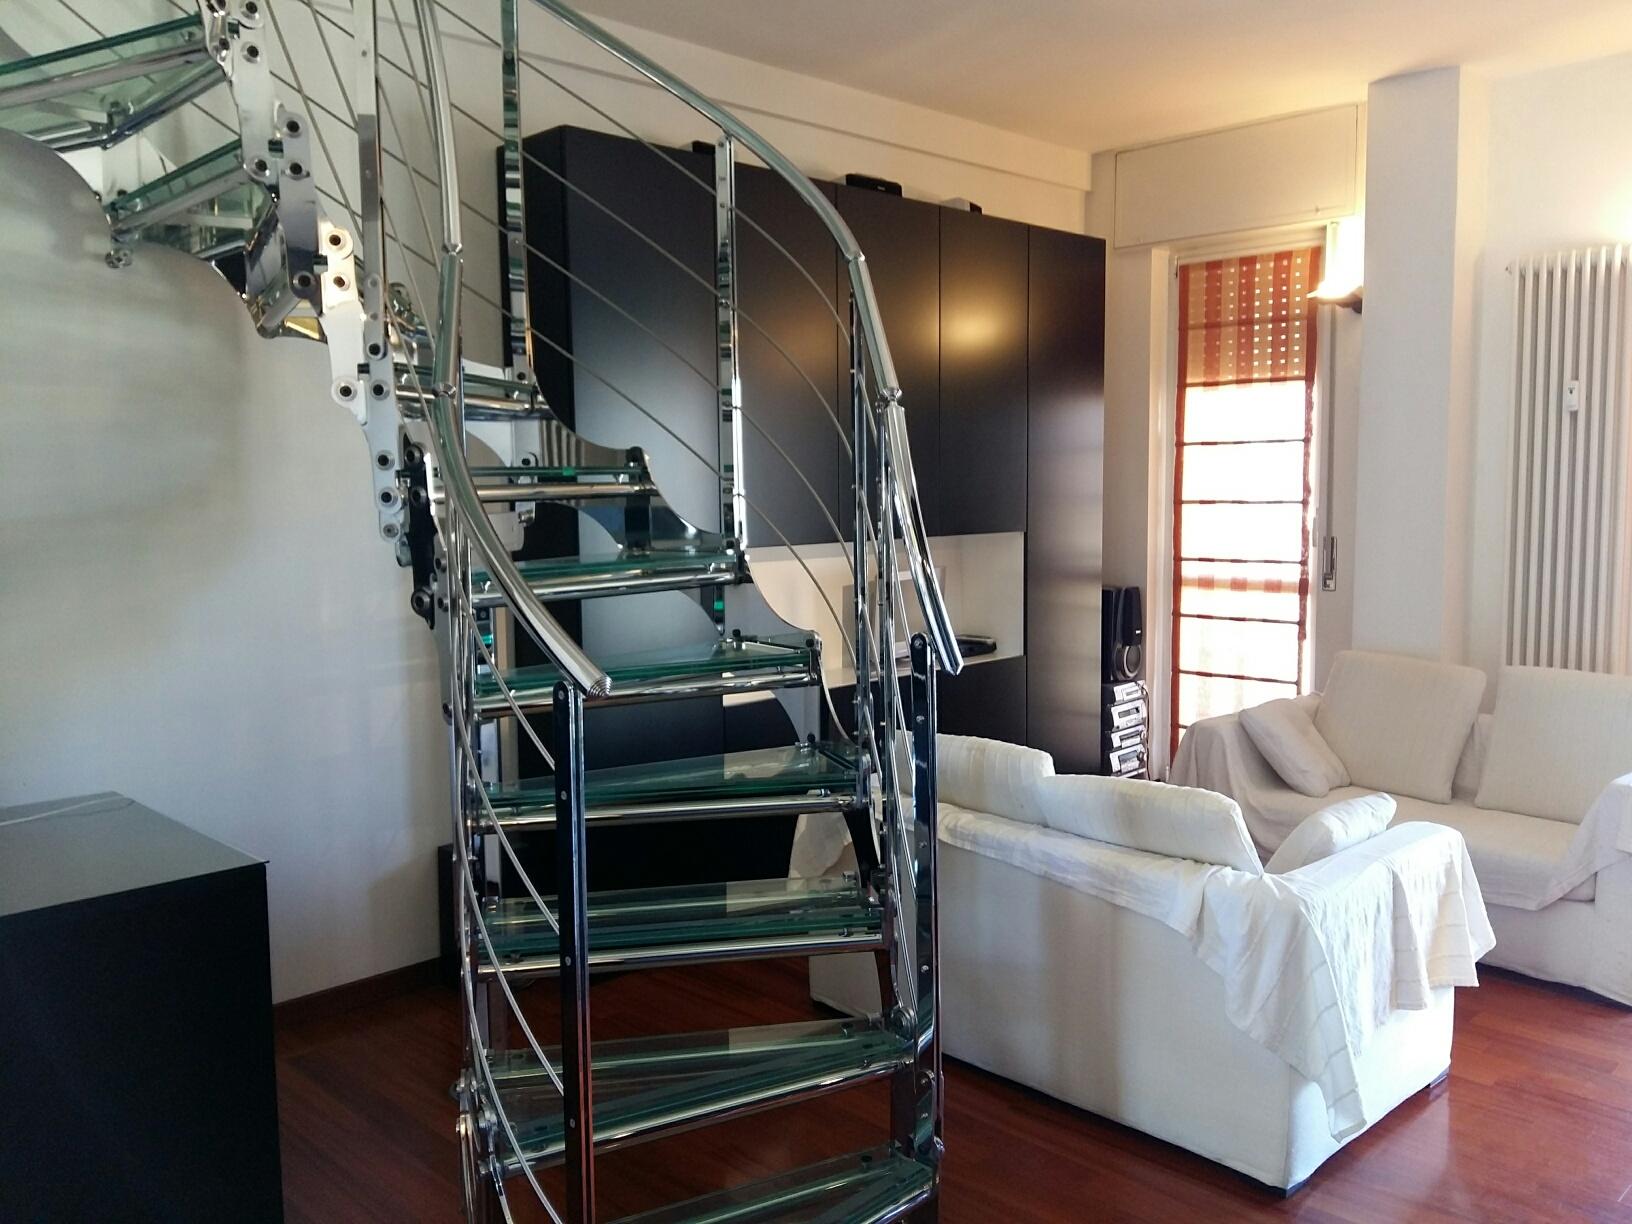 Appartamento in vendita a Milano, 3 locali, zona Località: Lodi, prezzo € 400.000 | Cambio Casa.it